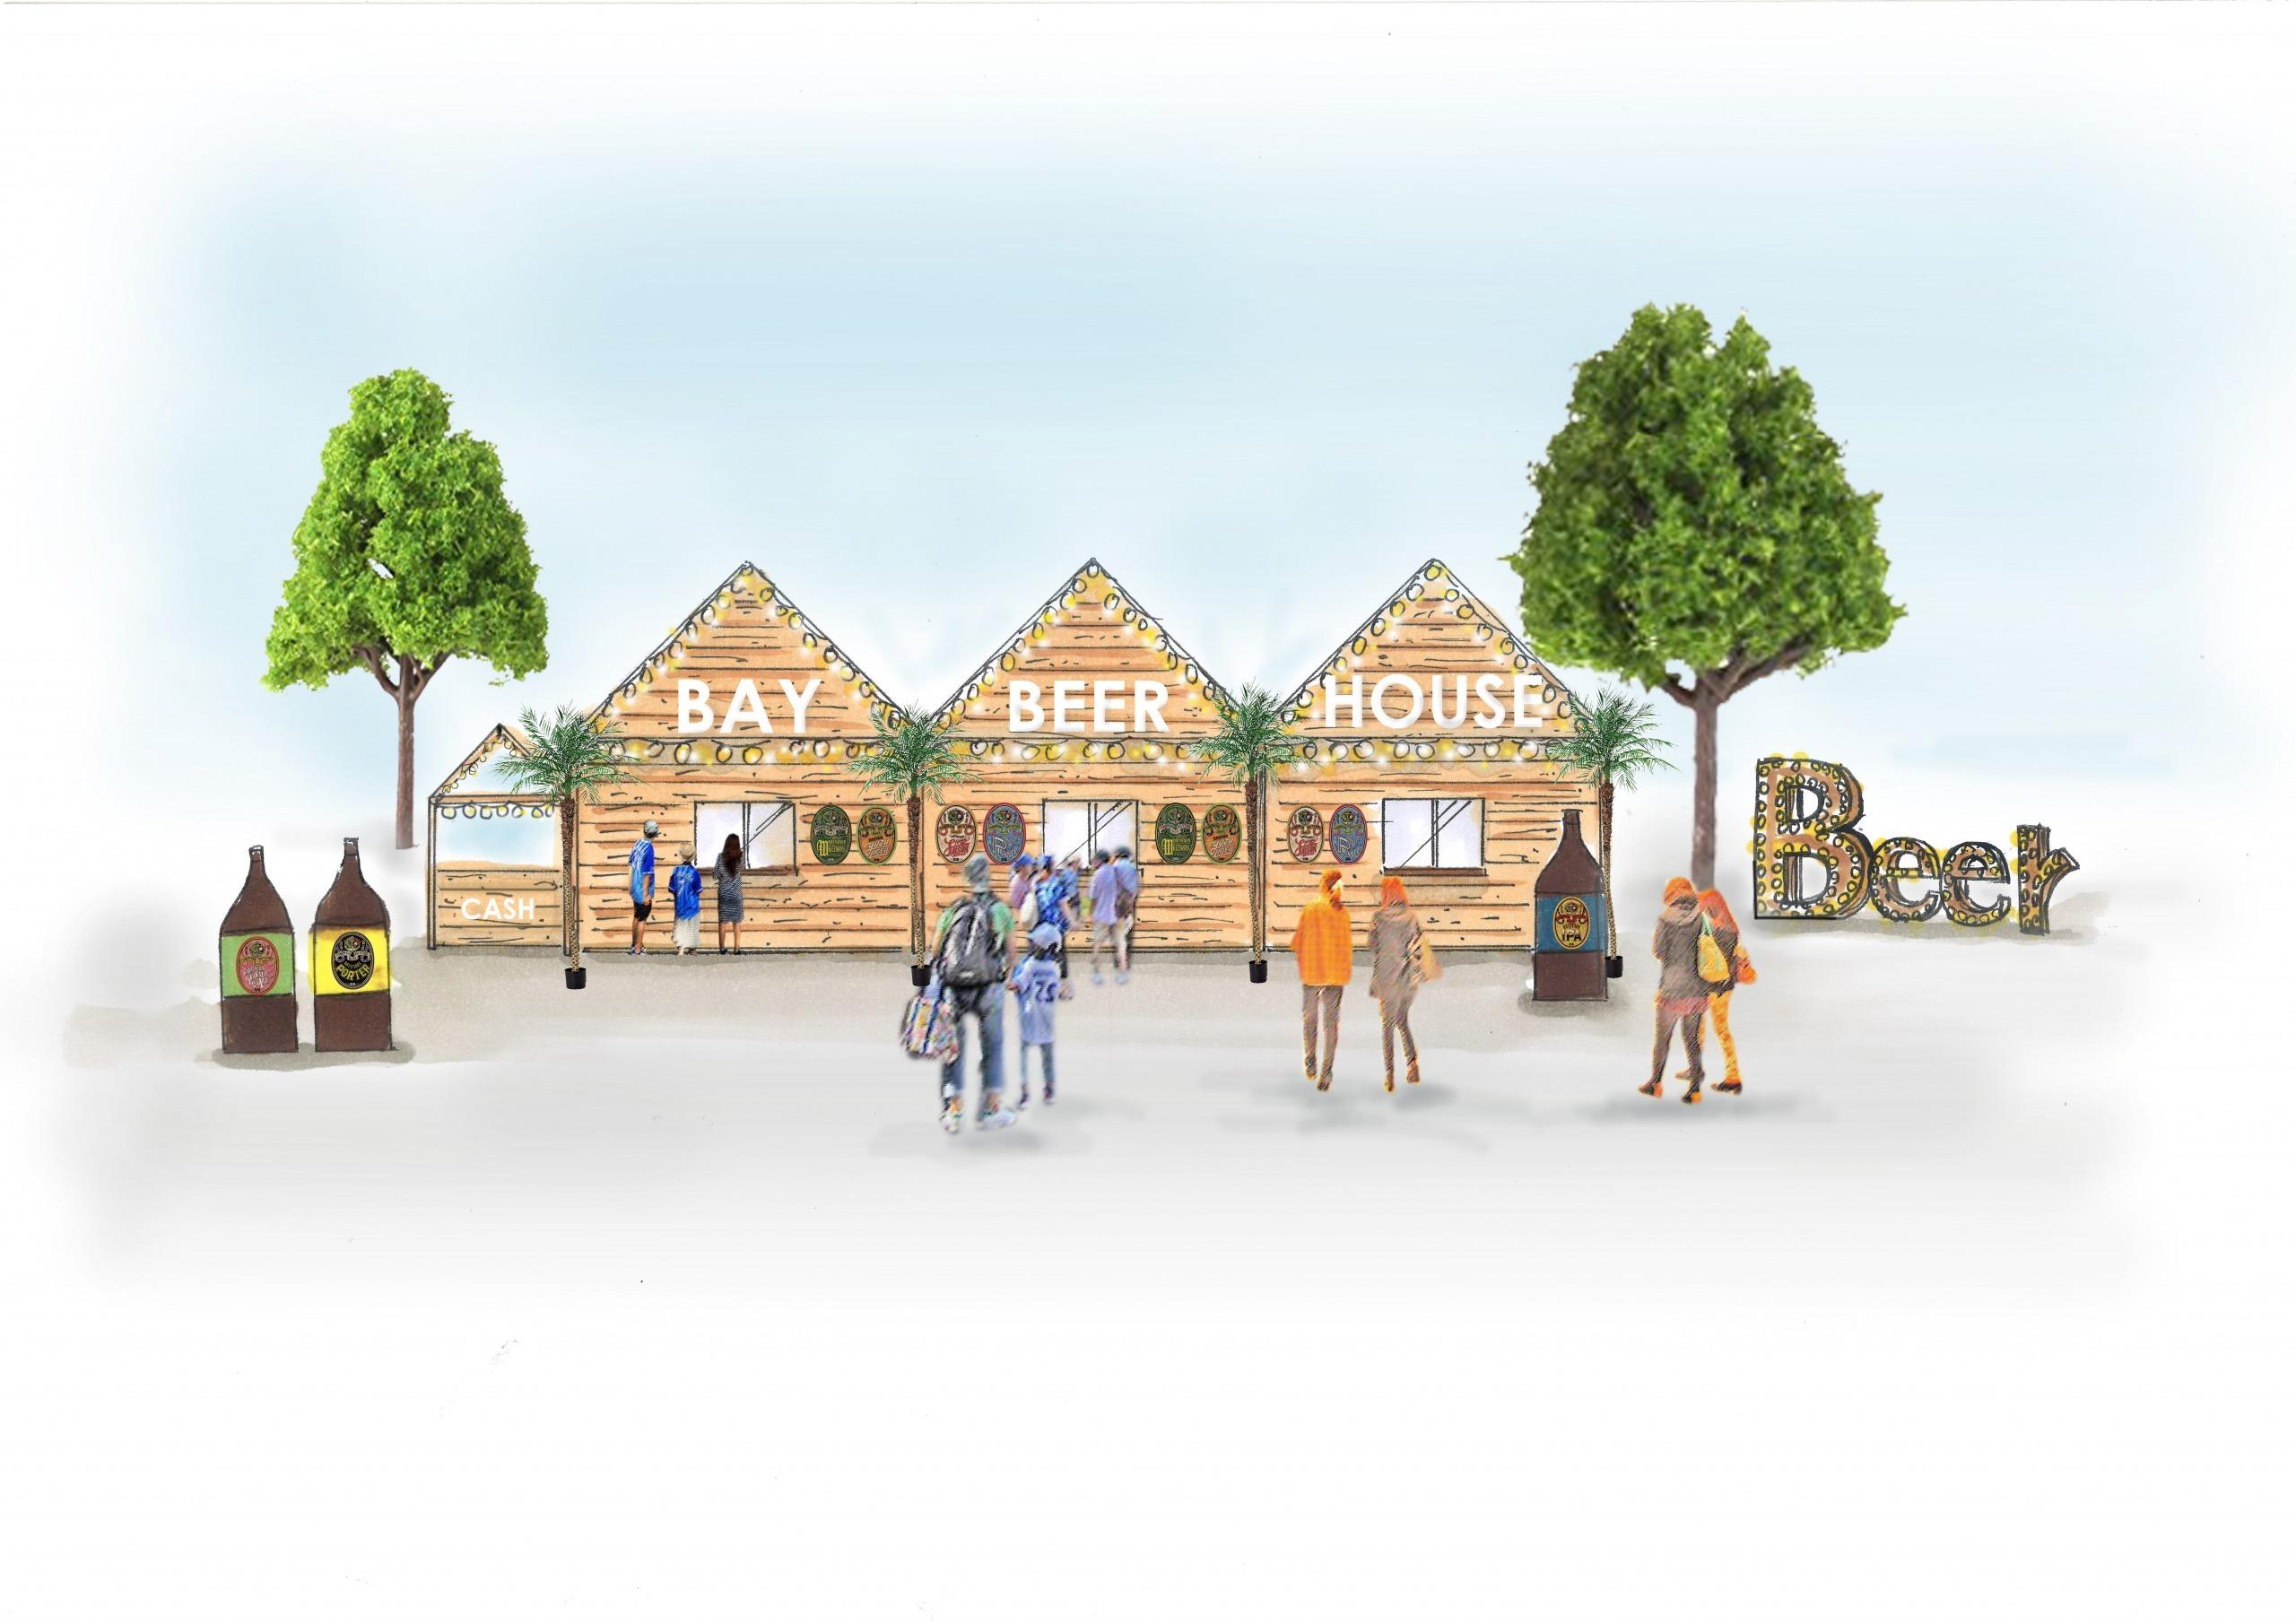 ハマスタBAYビアガーデン内に設置する特別店舗「BAY BEER HOUSE」(※イメージ画像) (c)YDB